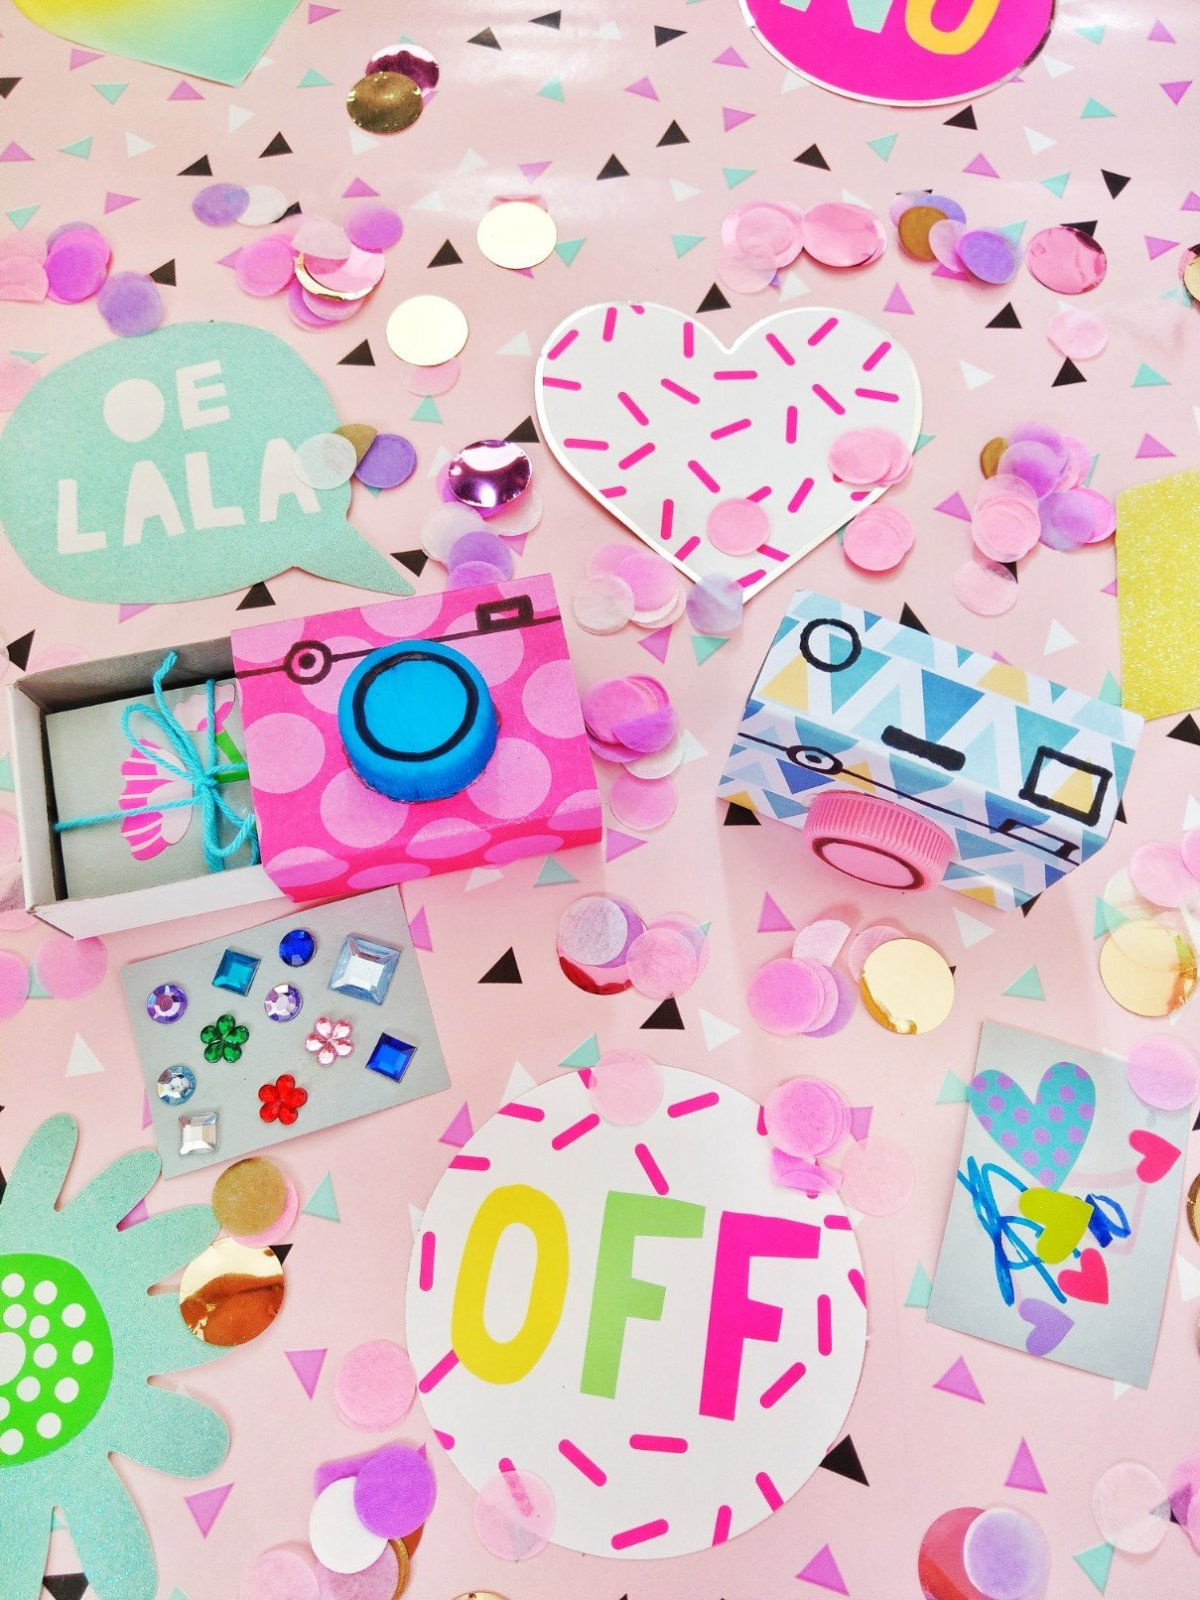 Wie ihr einen Fotoapparat aus einer Streichholzschachtel Basteln könnt, zeige ich euch hier. Ein tolles Geschenk für Menschen die gerne fotografieren oder Kinder.